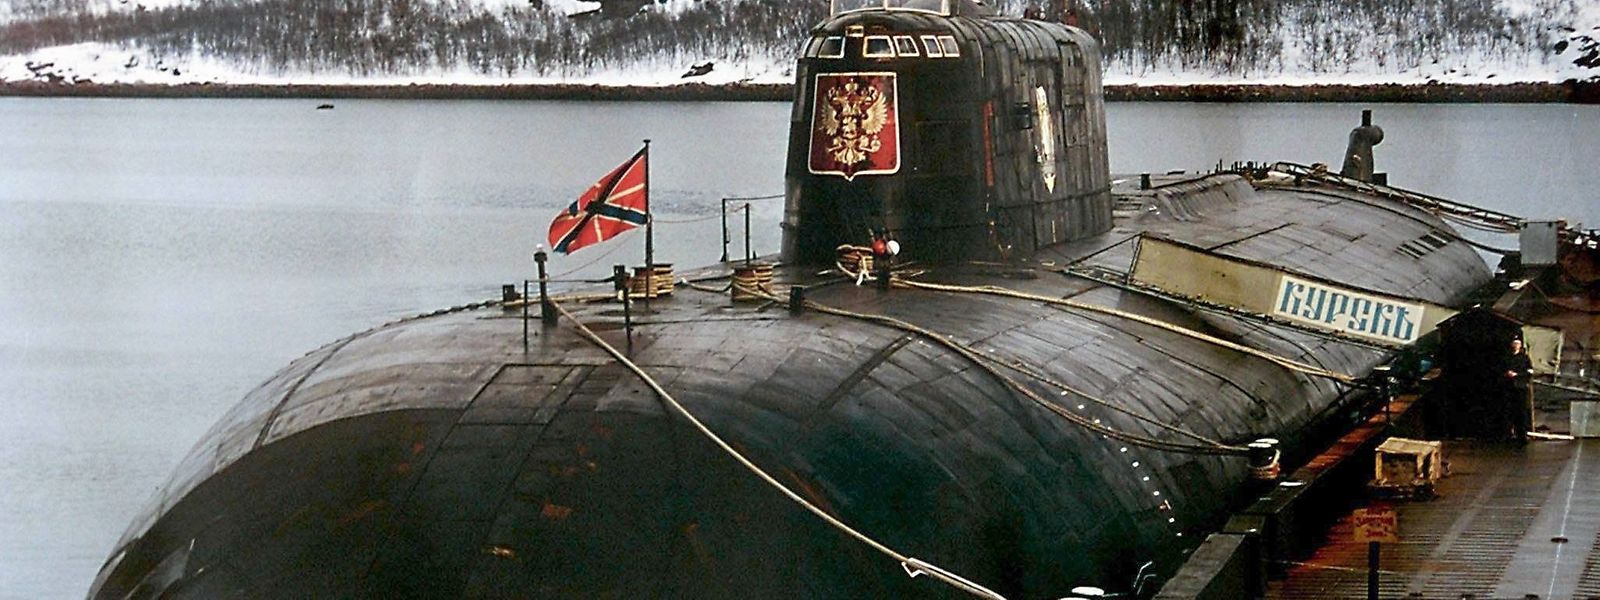 """Das später verunglückte russische Atom-U-Boot """"Kursk"""" in seinem Heimathafen Widjajewo."""